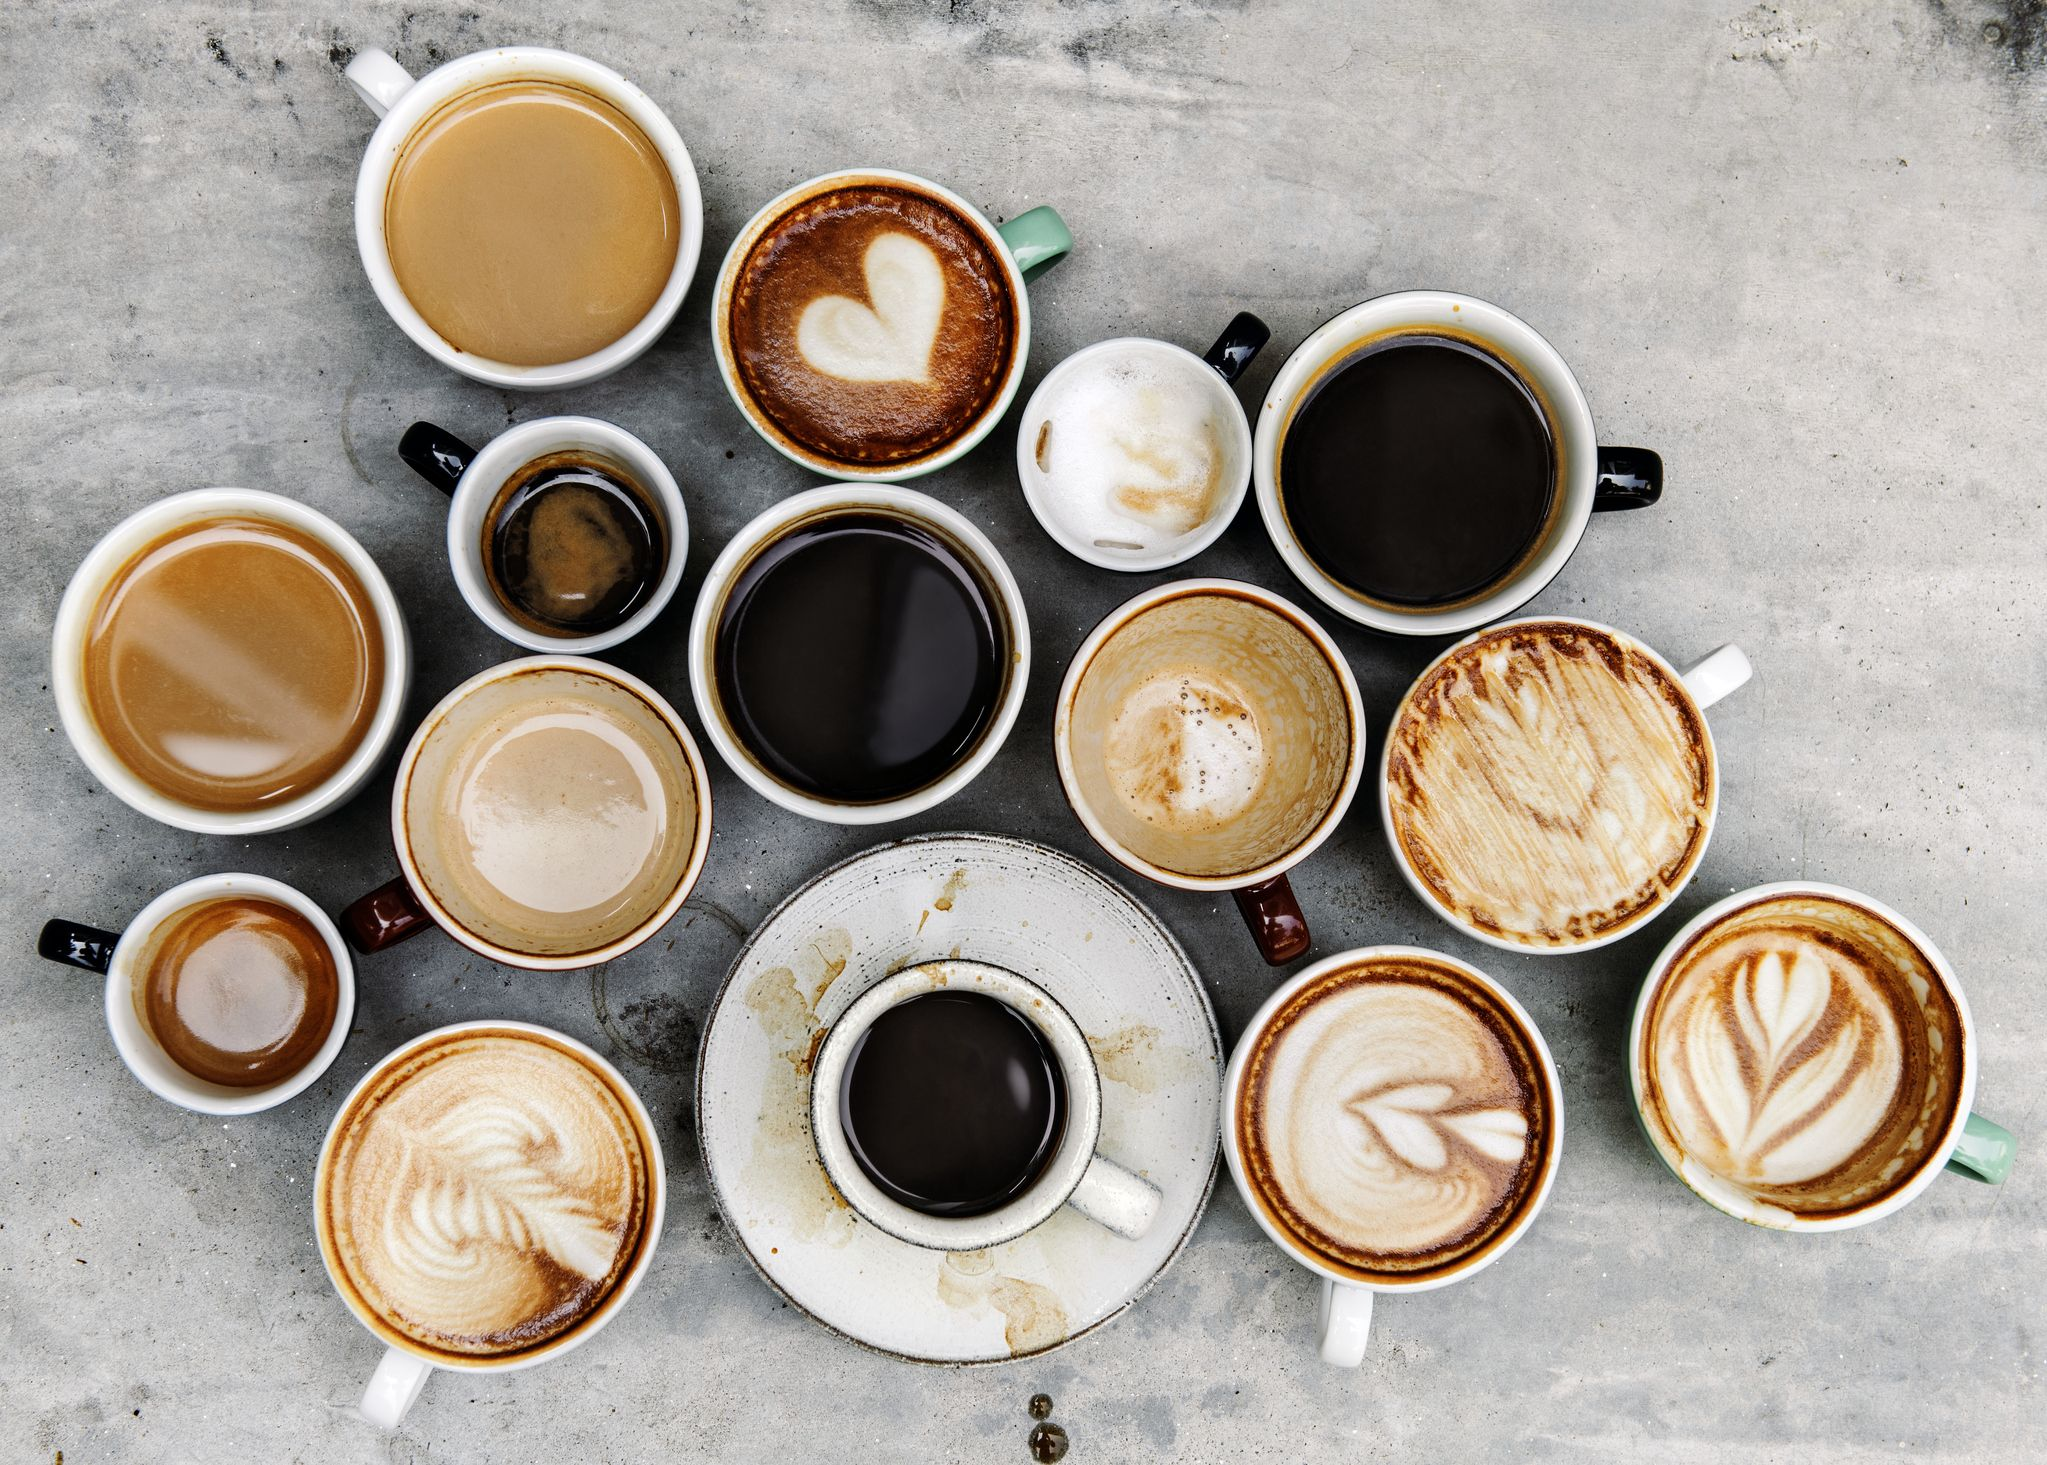 6_7_Coffee Cups